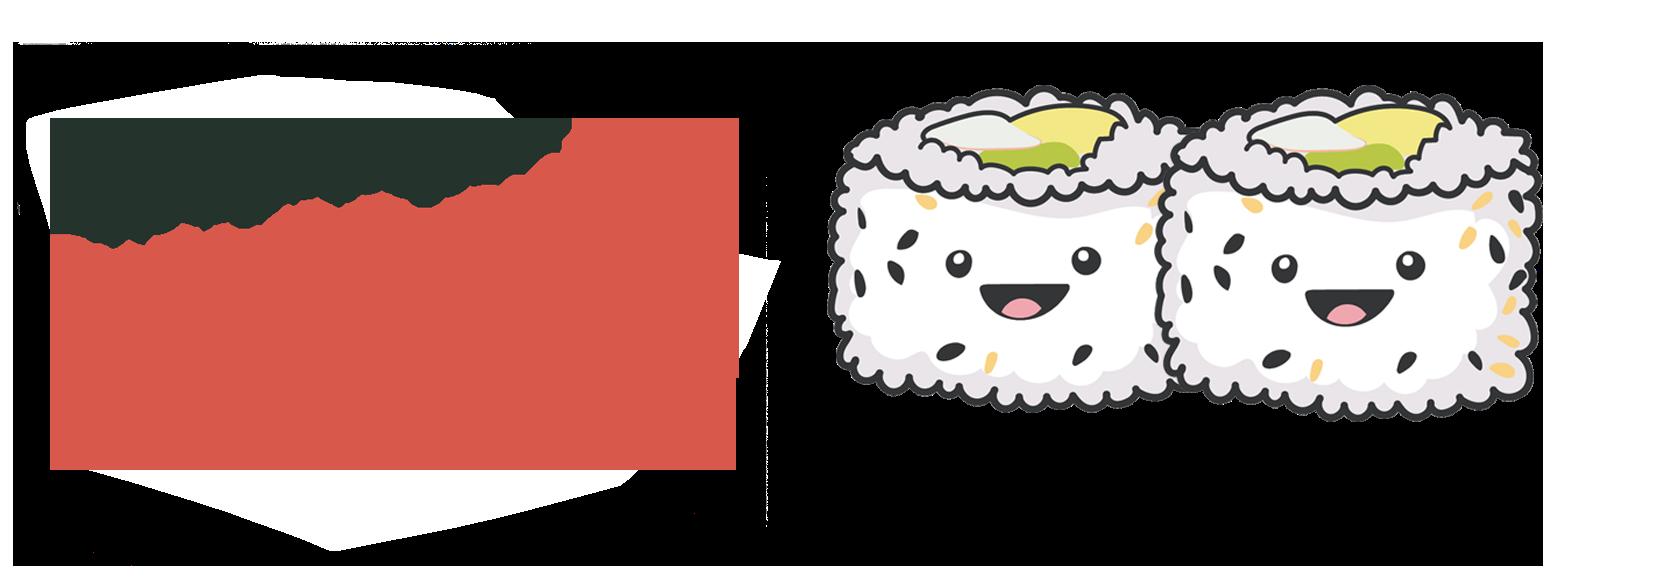 Vous souhaiteriez devenir intime avec Bento?